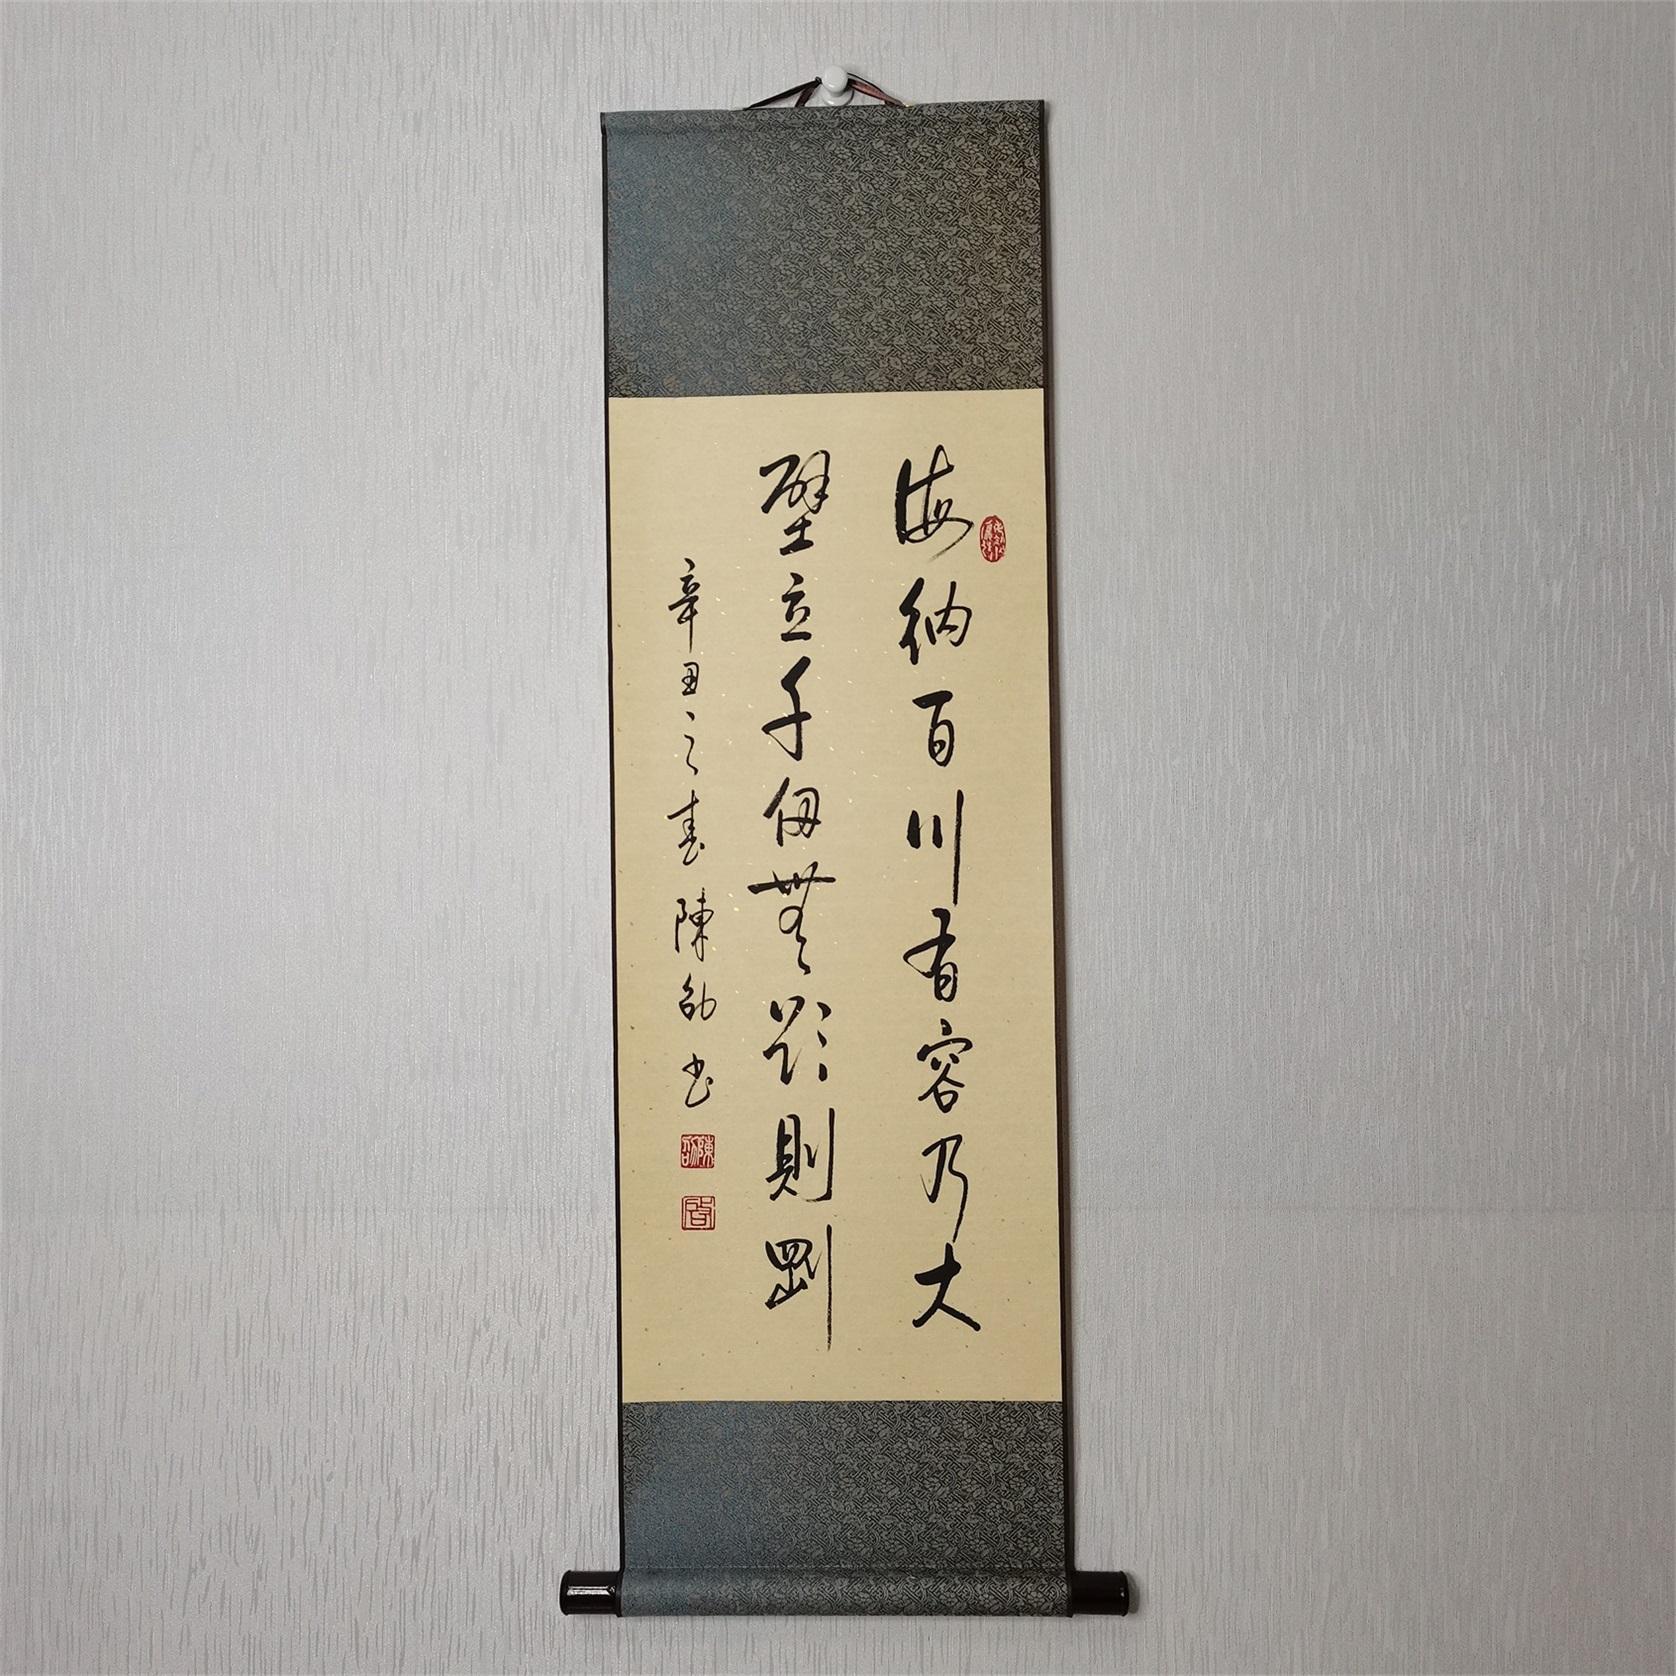 陳劭手寫真跡啟體書法勵志名言辦公室字畫高溫韓綾精裱中堂卷軸